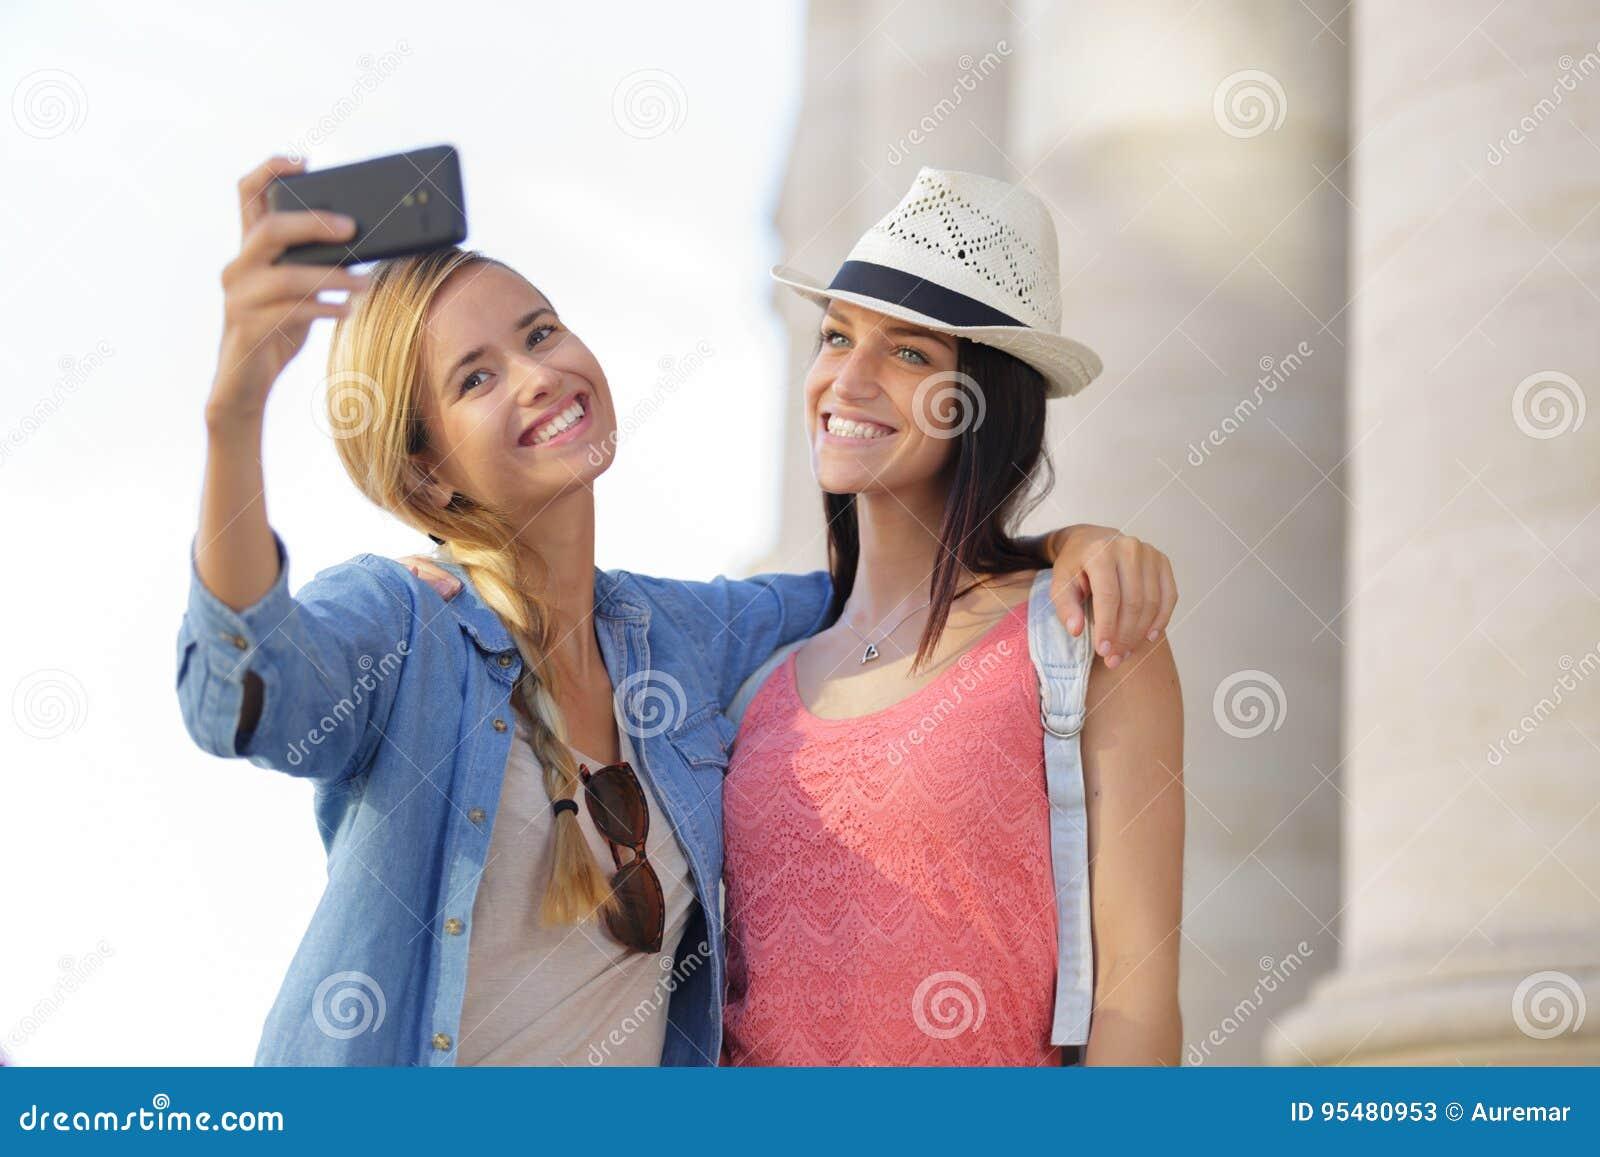 Rozochoceni turystyczni żeńscy przyjaciele bierze fotografie themselves